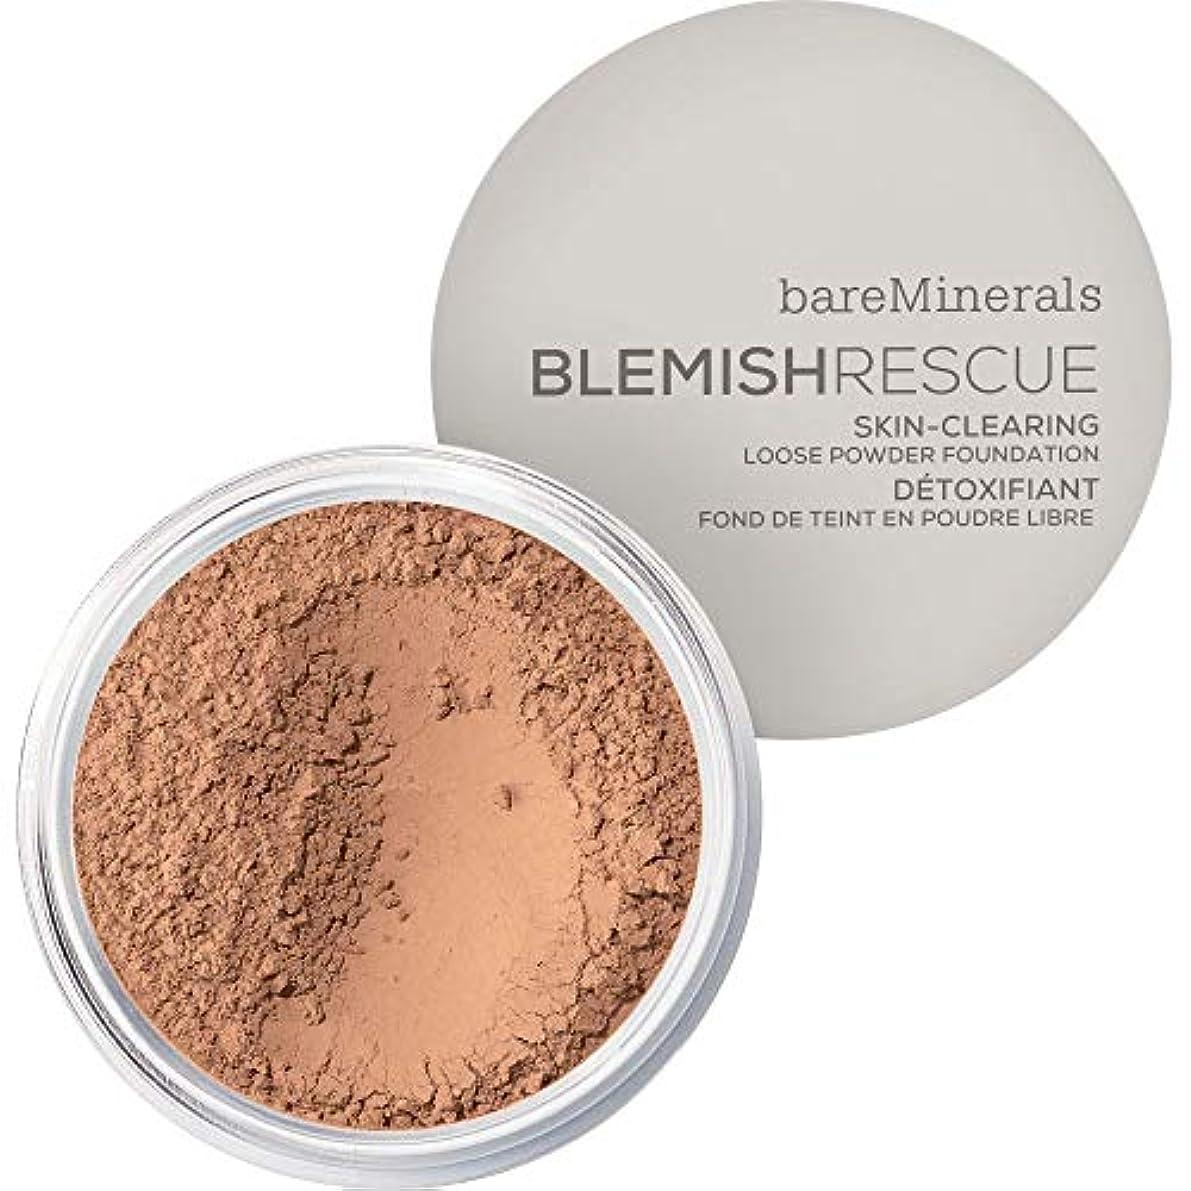 振動させるドロップ書き込み[bareMinerals] ベアミネラルは、レスキュースキンクリア緩いパウダーファンデーション6グラムの3.5Cnを傷 - 日焼けメディア - bareMinerals Blemish Rescue Skin-Clearing Loose Powder Foundation 6g 3.5CN - Medium Tan [並行輸入品]